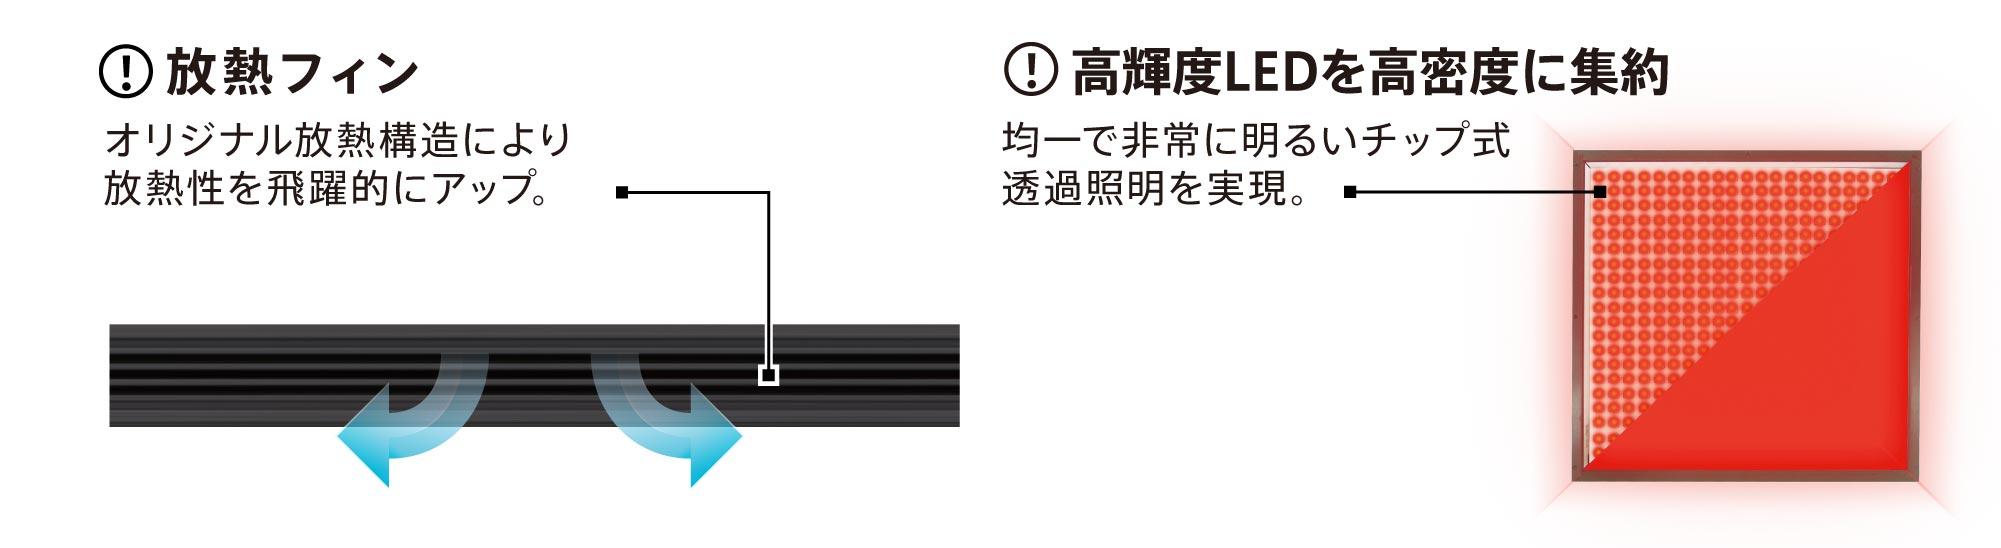 IHMA Product Description 01